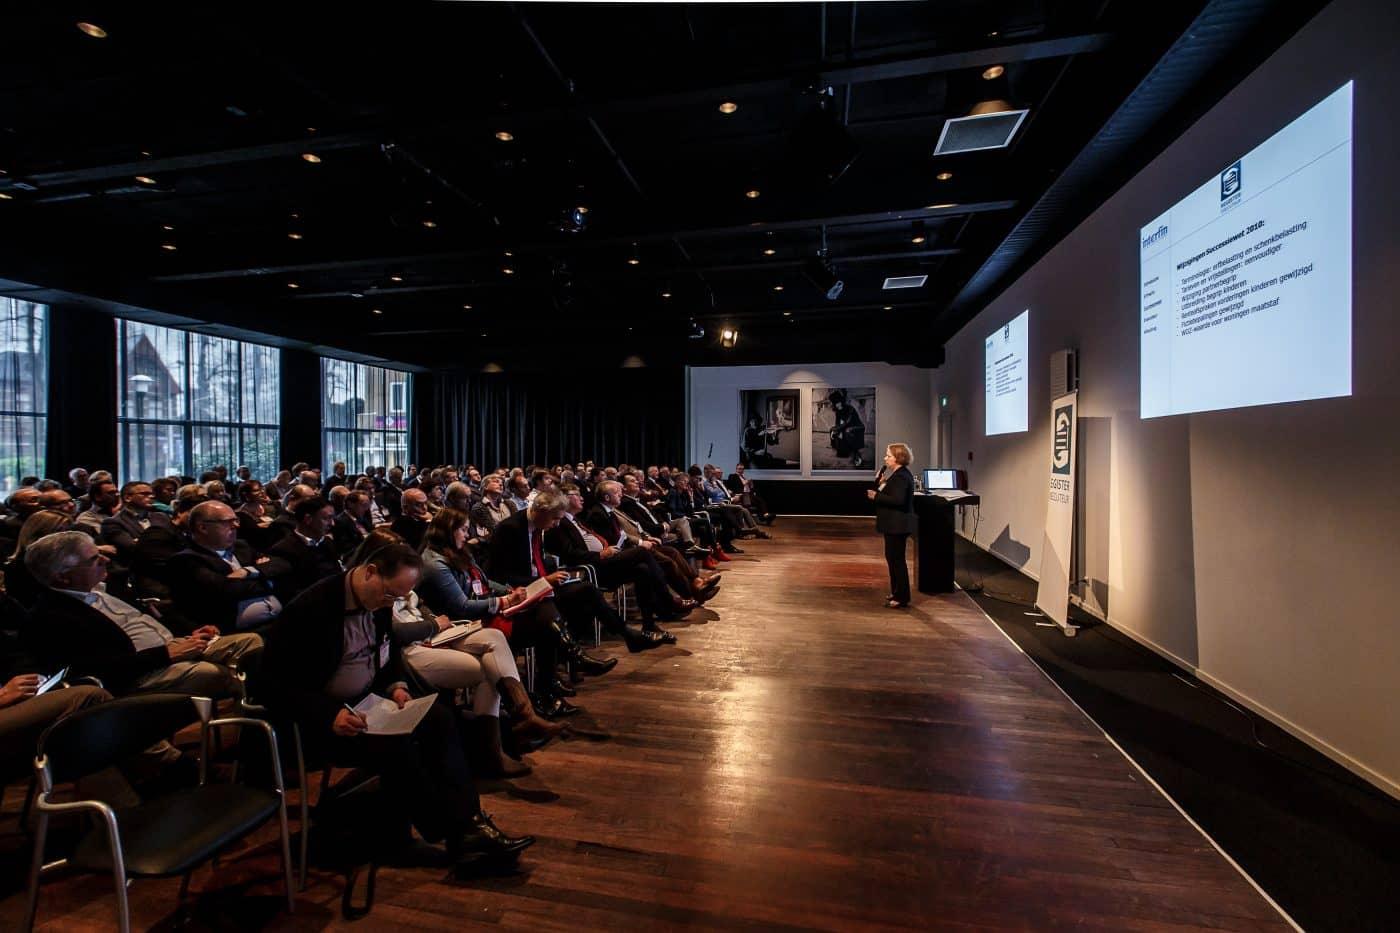 Congreszaal midden nederland